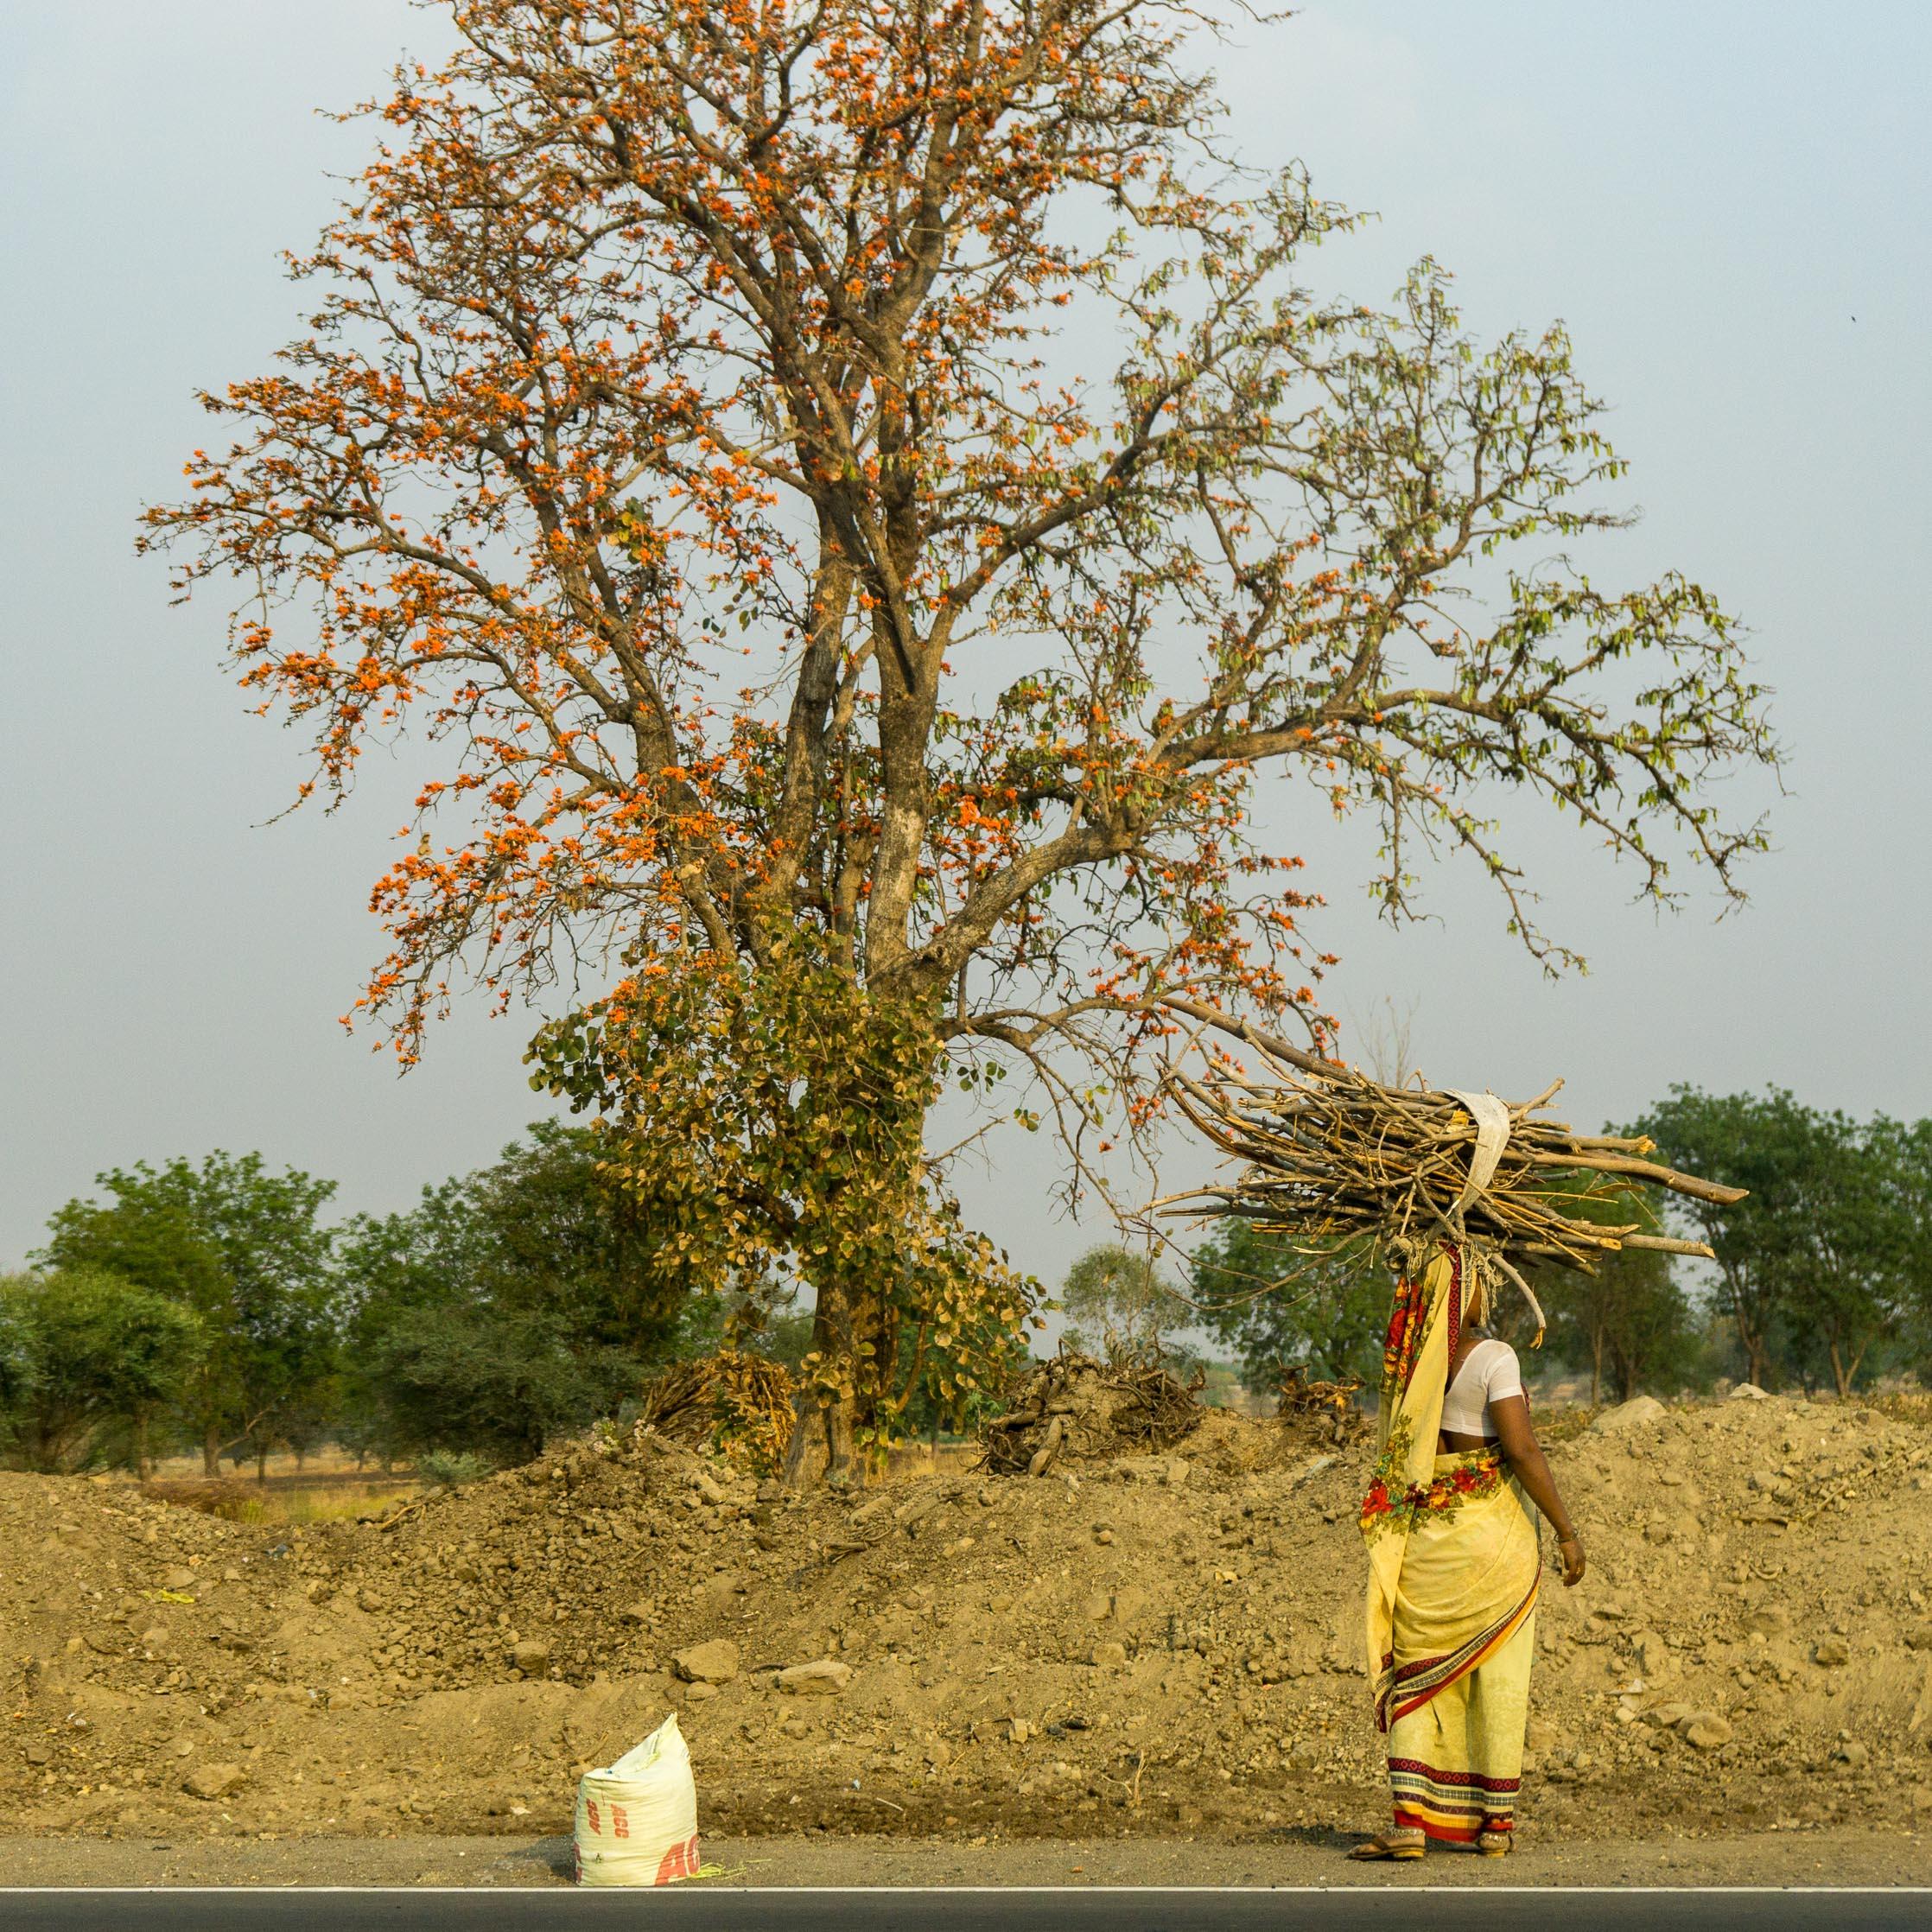 India - Mumbai, Aurangabad, Jaipur, Agra